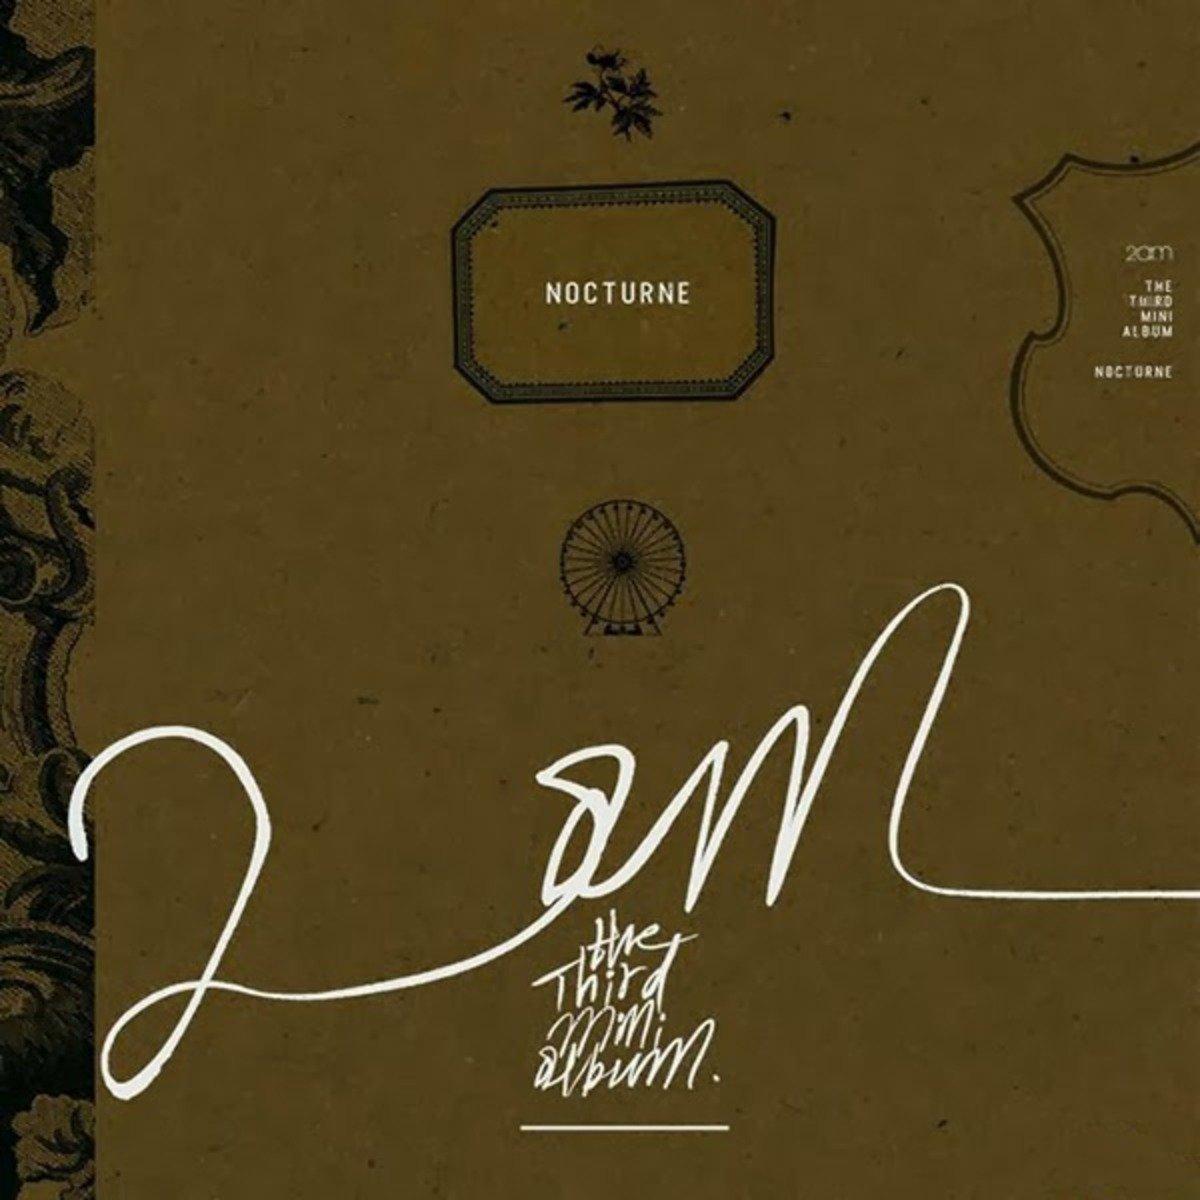 2AM - Mini Album Vol.3 [NOCTURNE] _47519